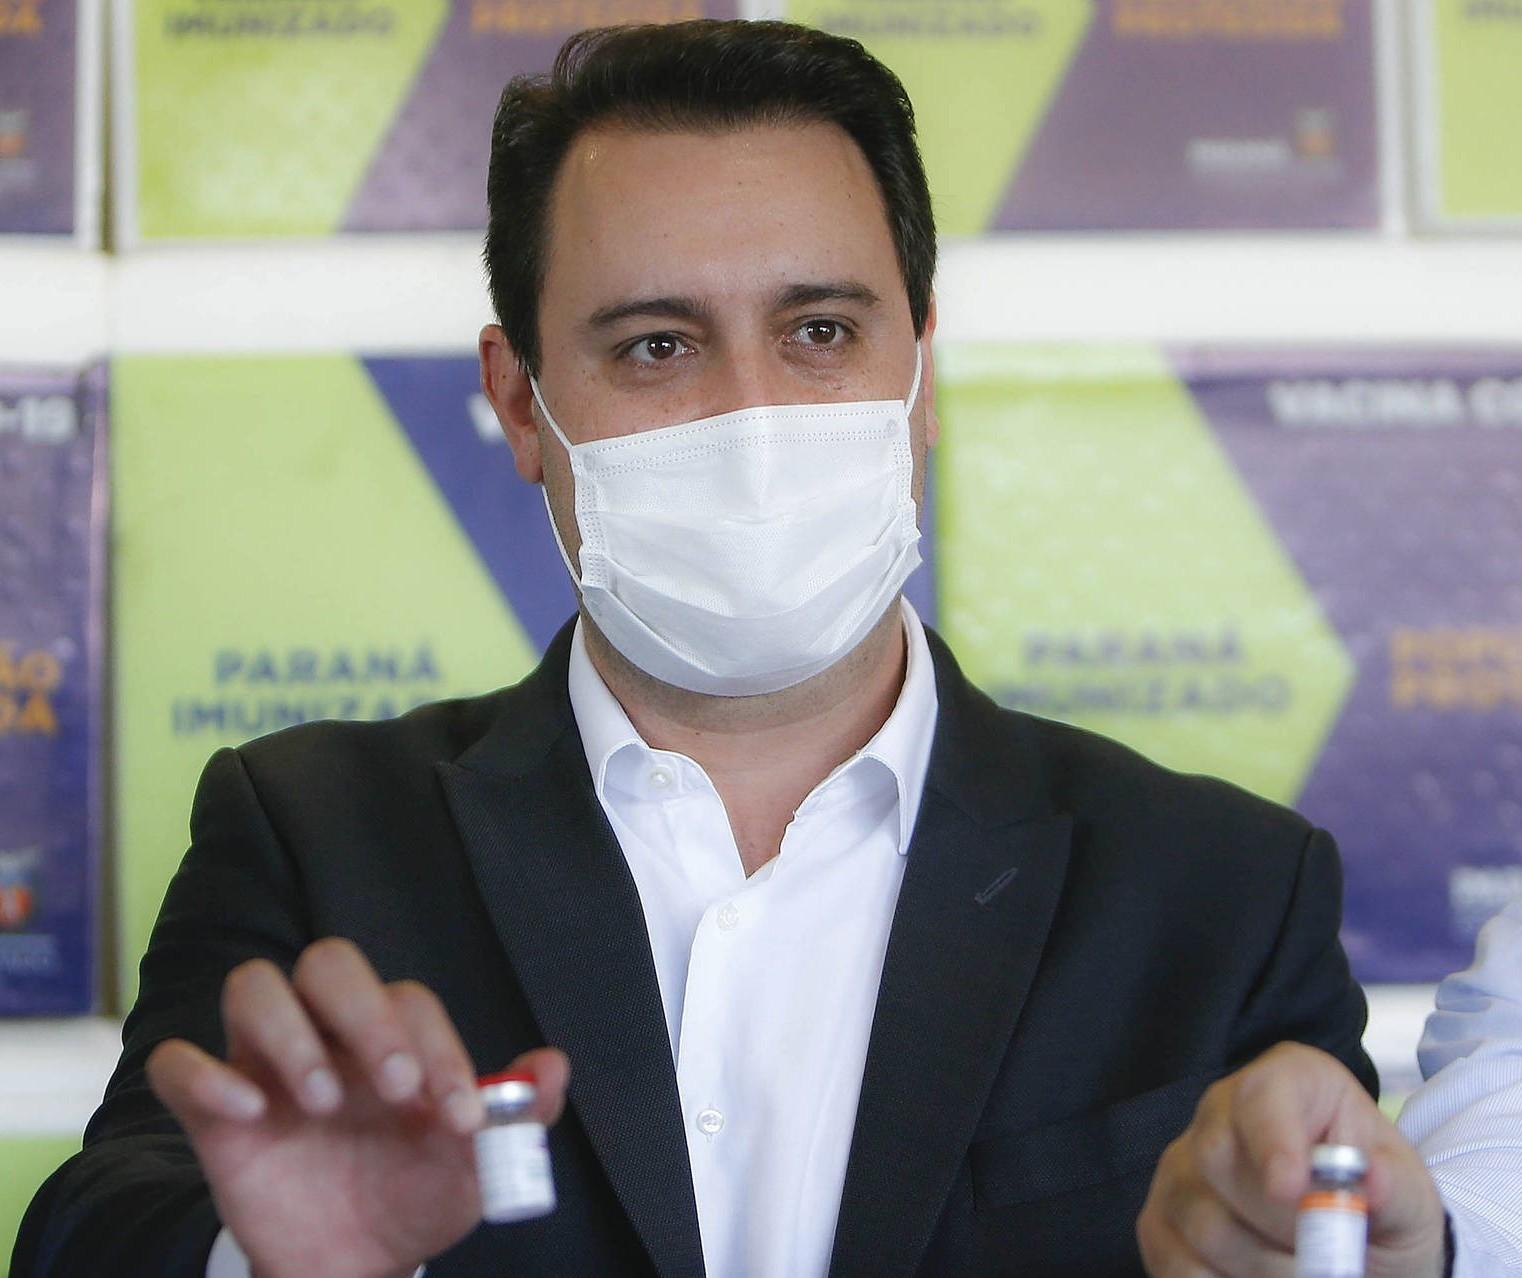 Paraná deve vacinar toda a população adulta com a 1ª dose até setembro, garante governador